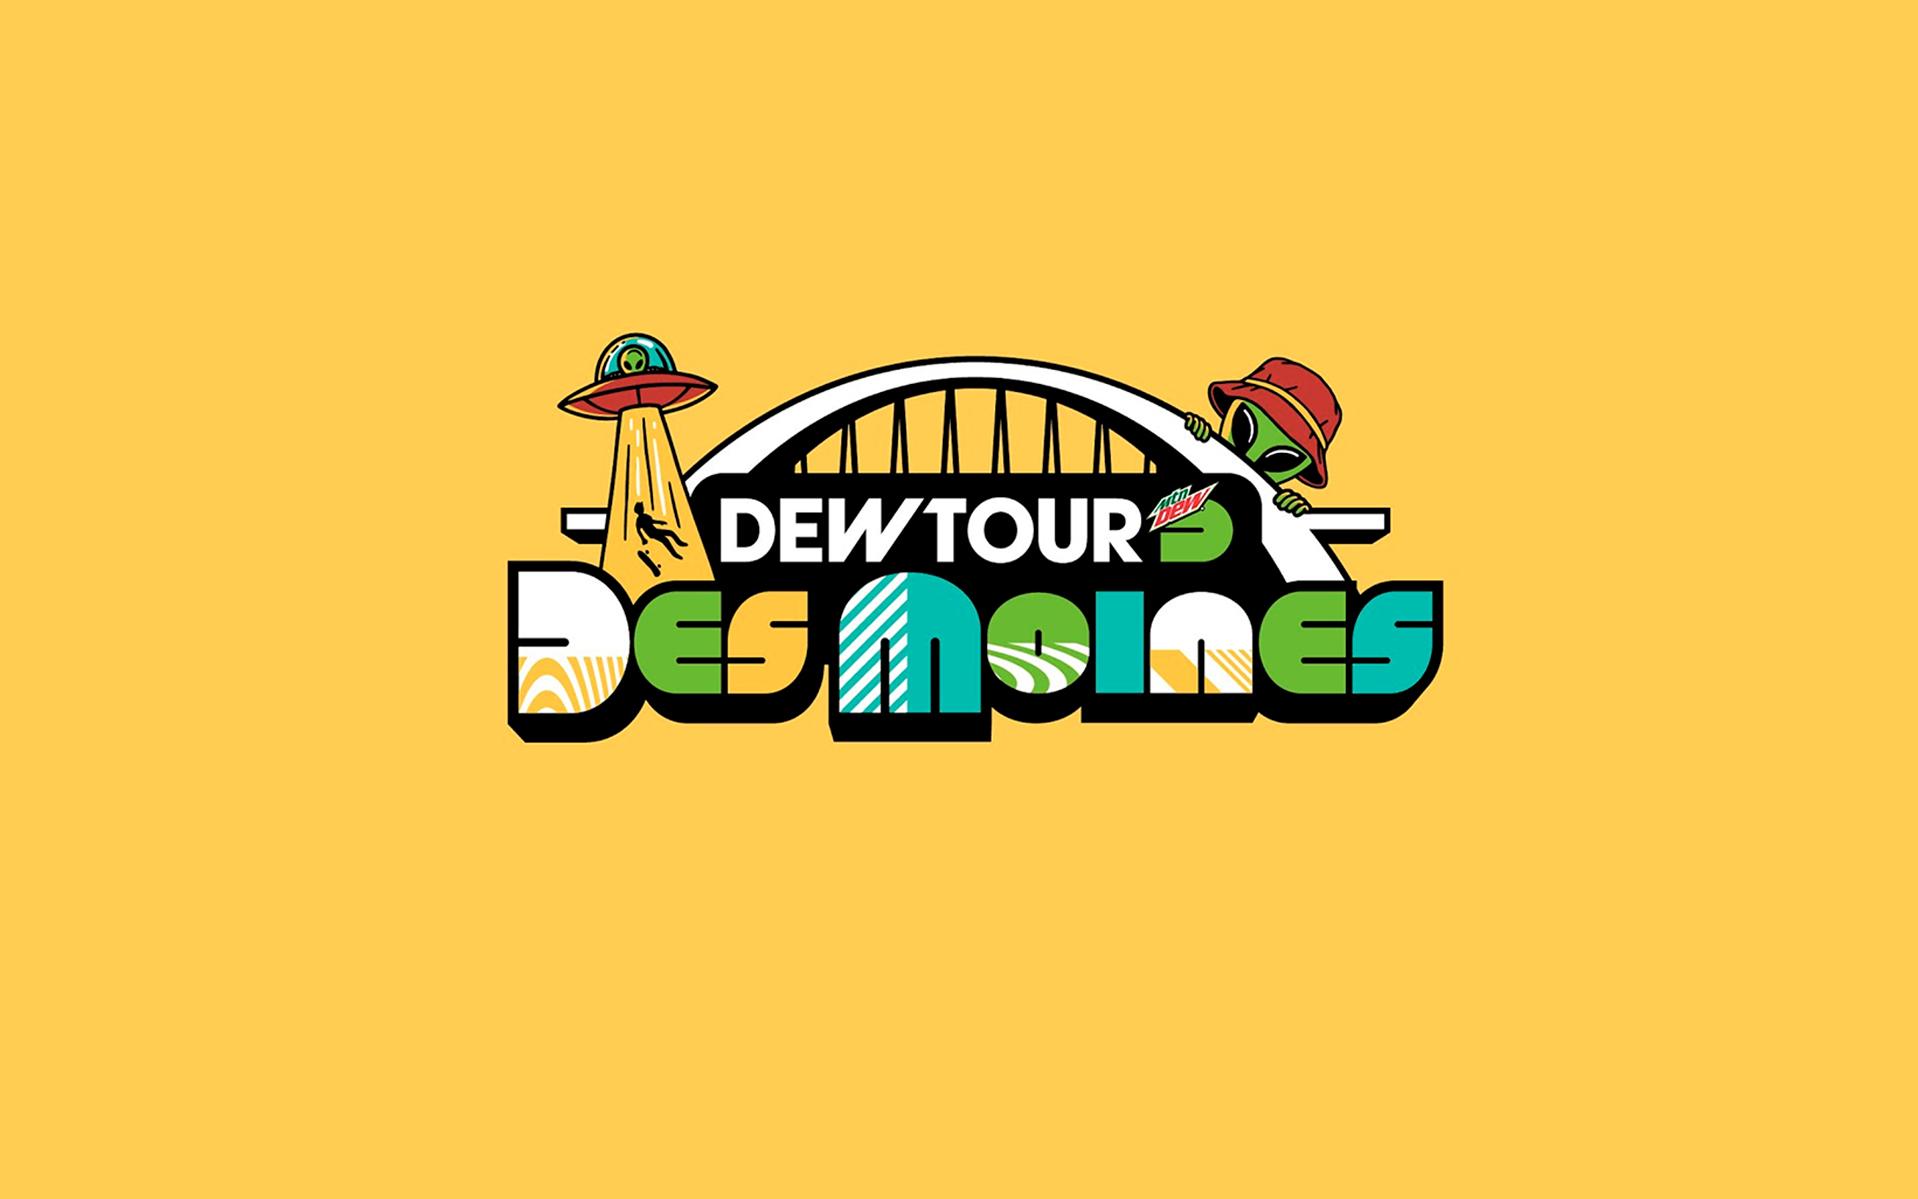 Følg Dew Tour i Des Moines USA her!